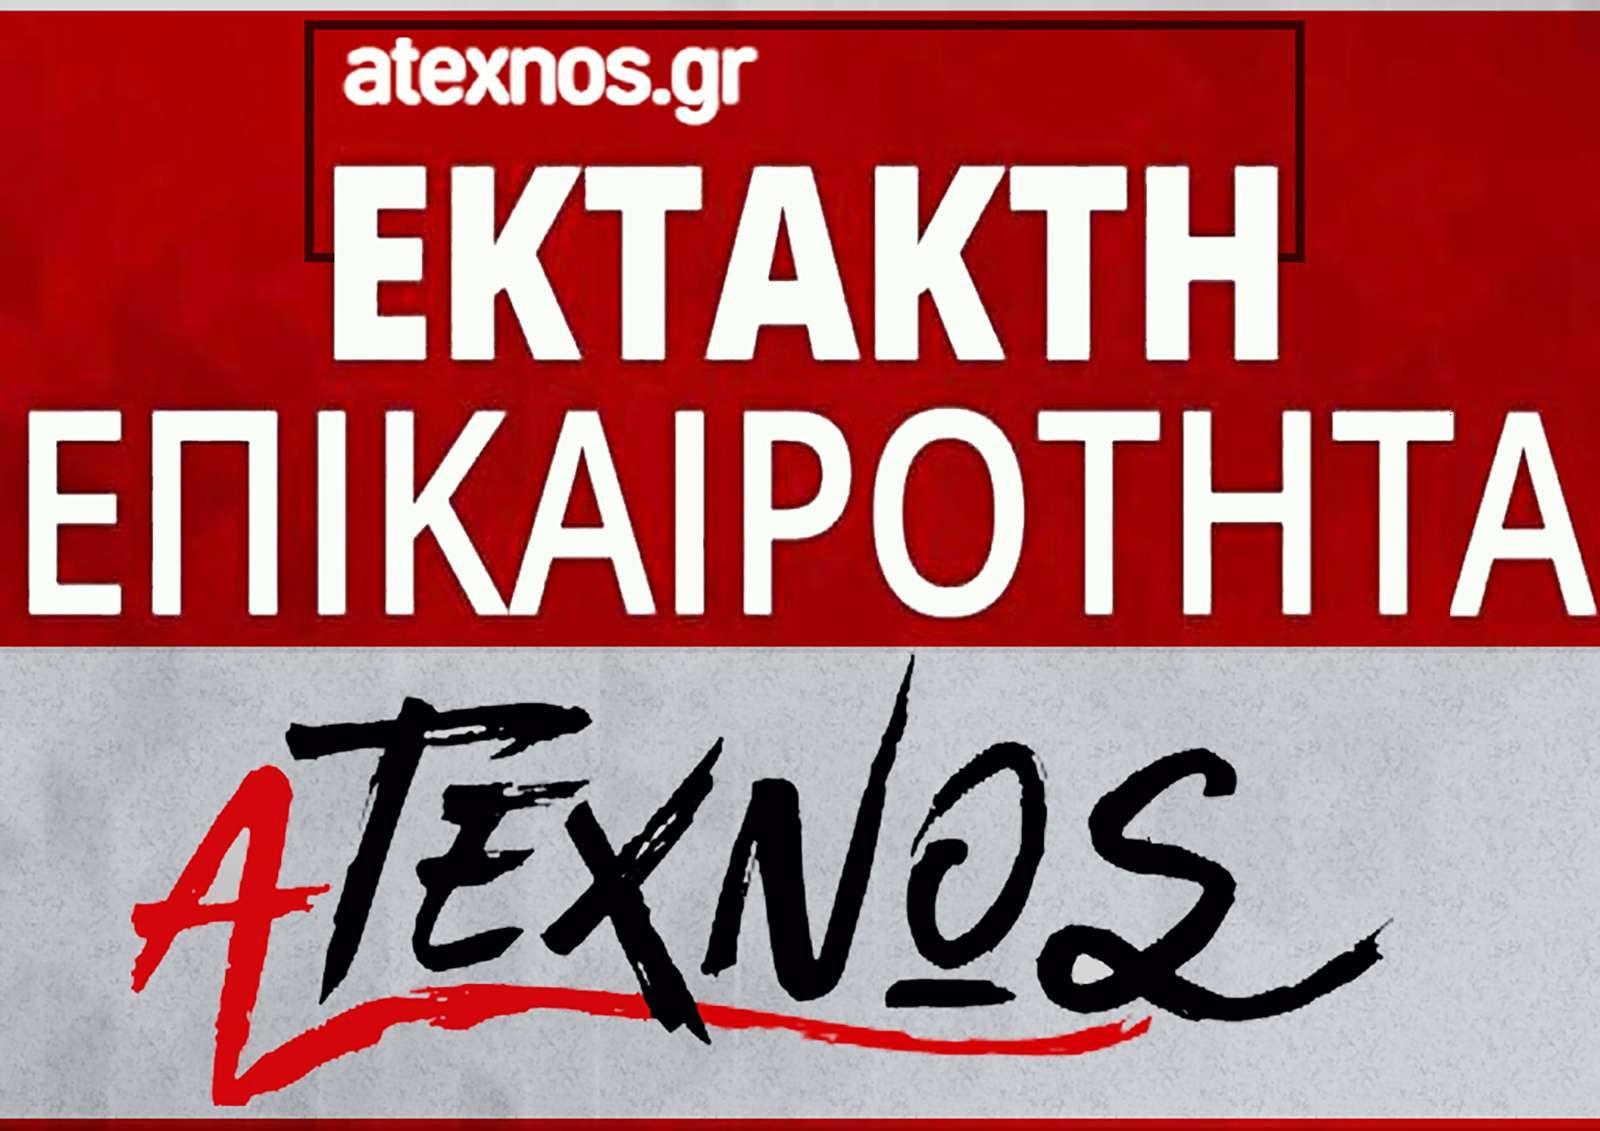 ektakto έκτακτη επικαιρότητα